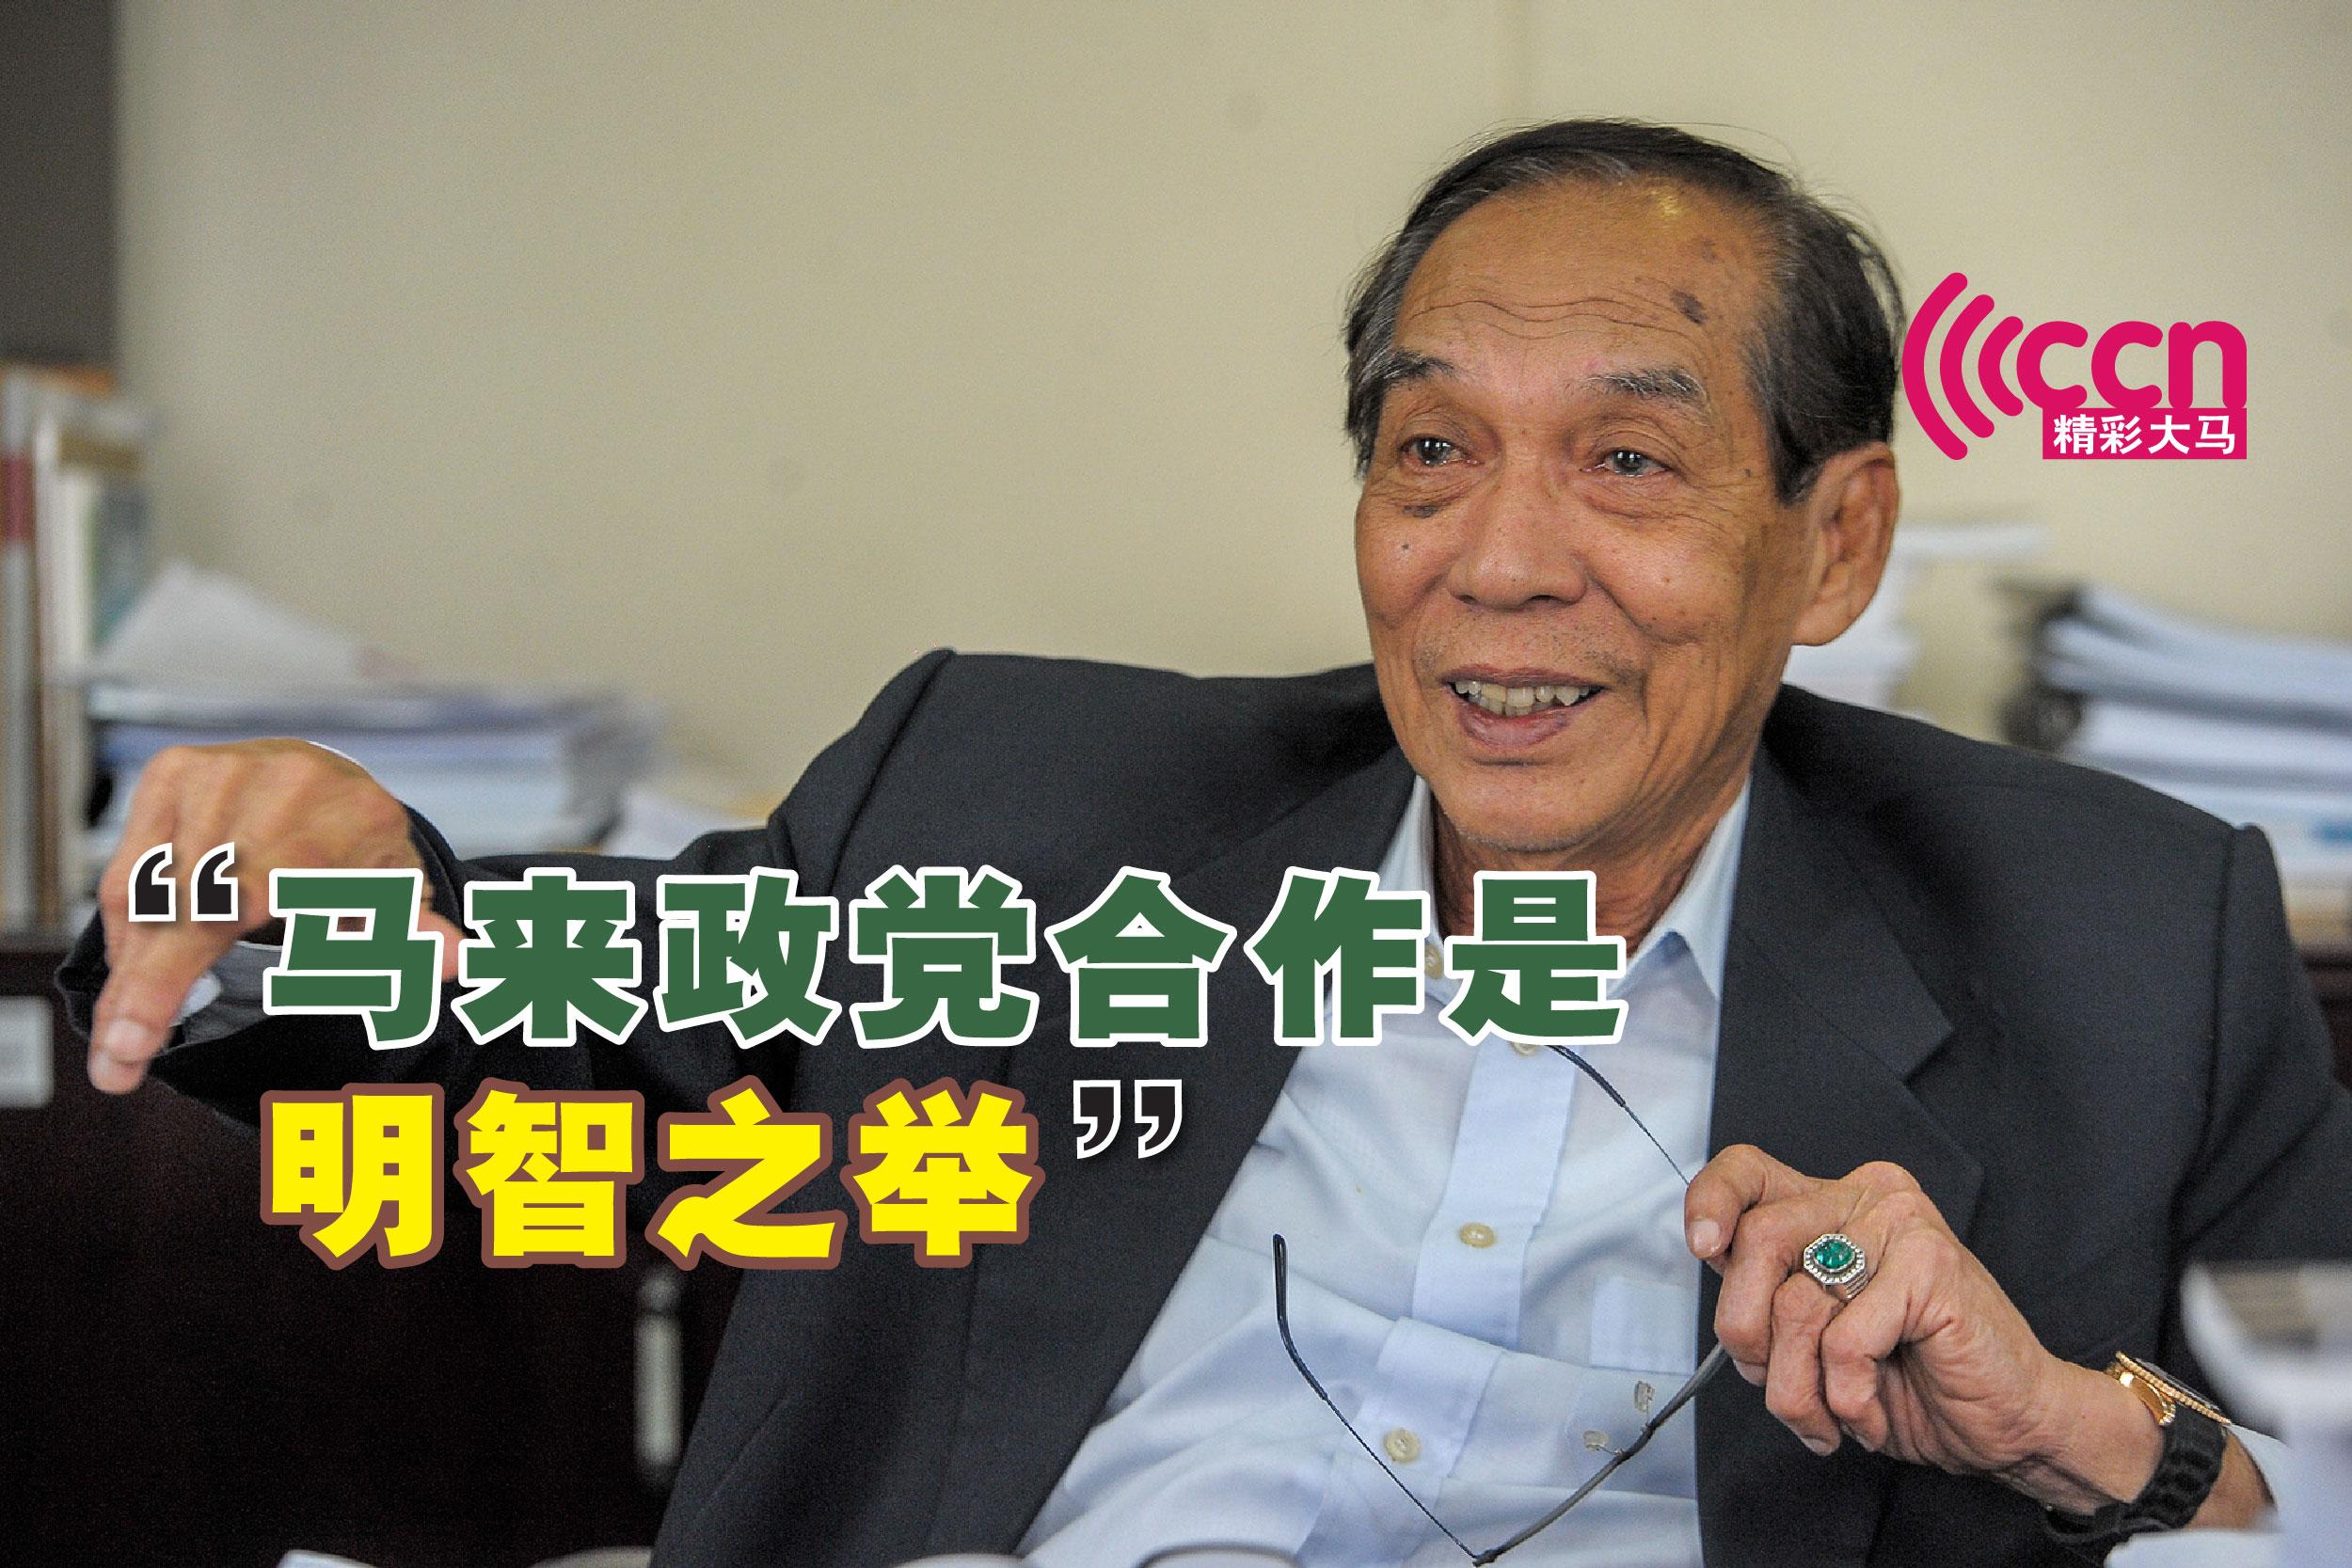 阿都拉昔认为,所有马来政党合作对抗政敌,是明智的选择。-精彩大马制图-